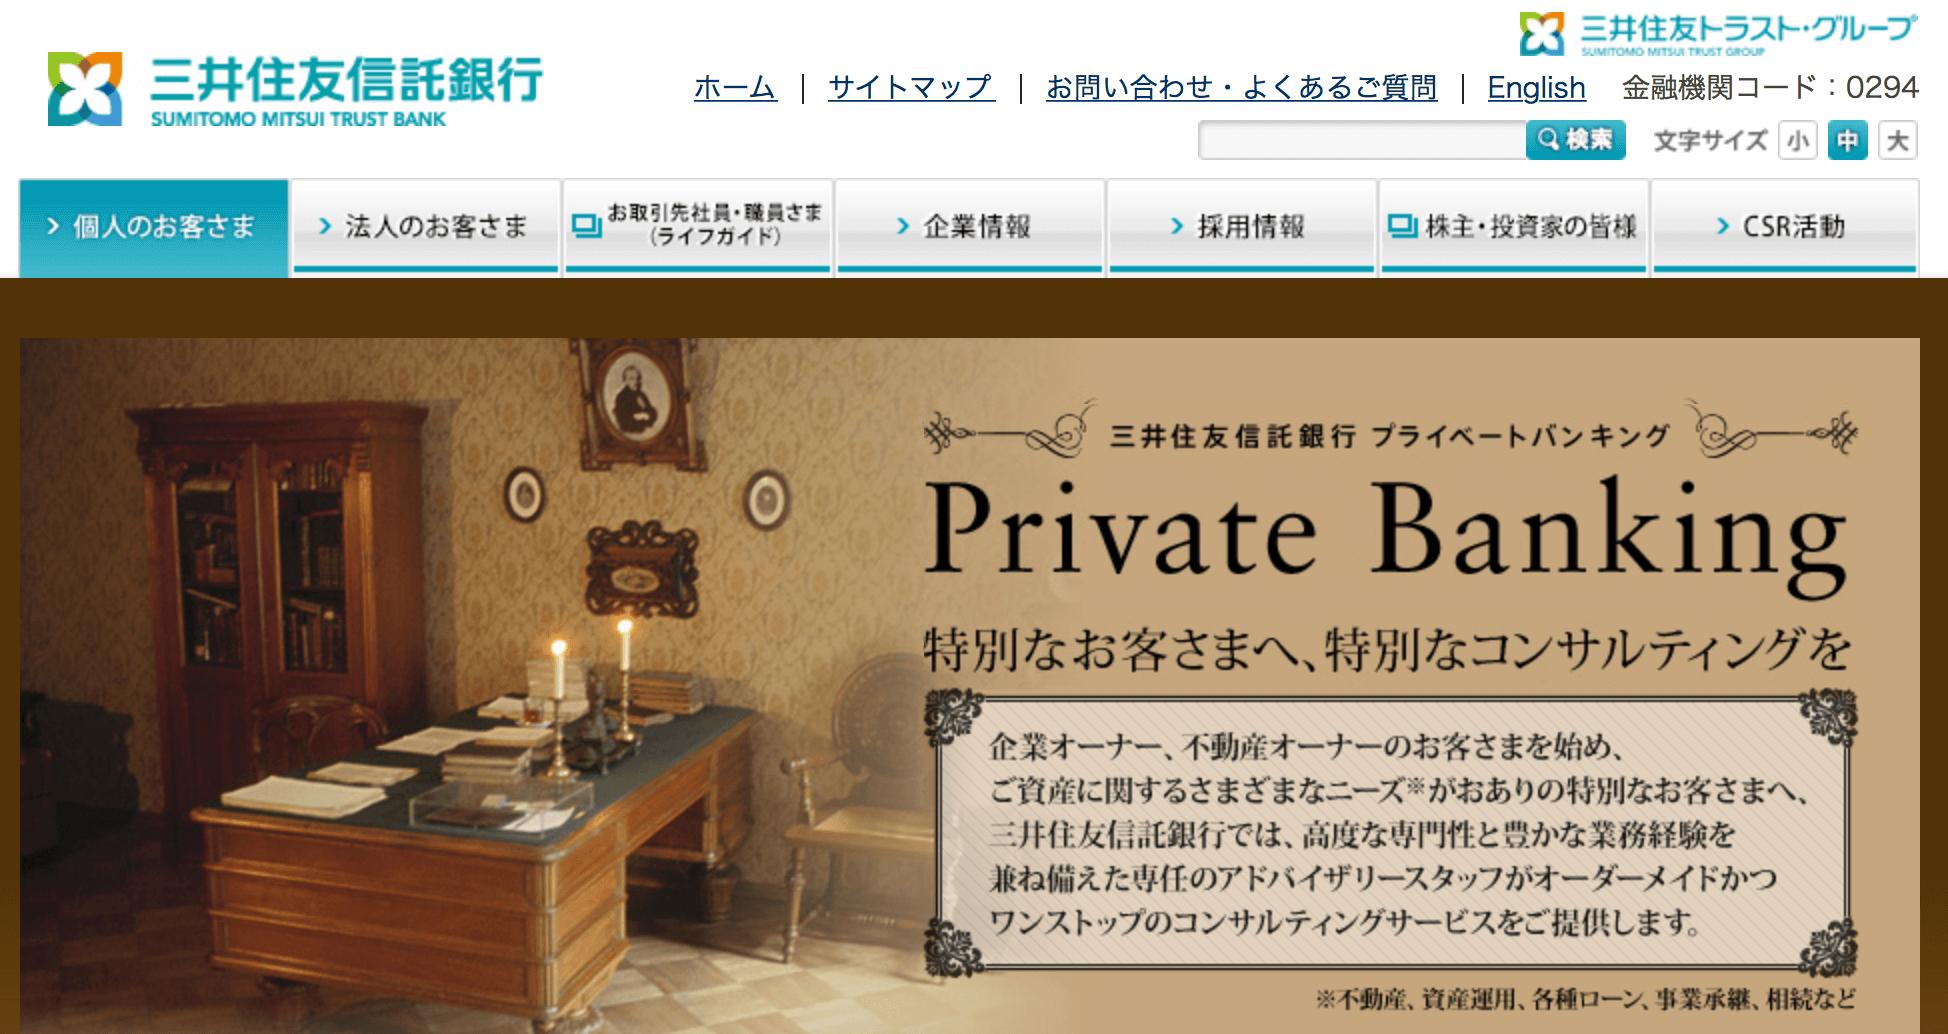 三井住友信託銀行の公式ページ